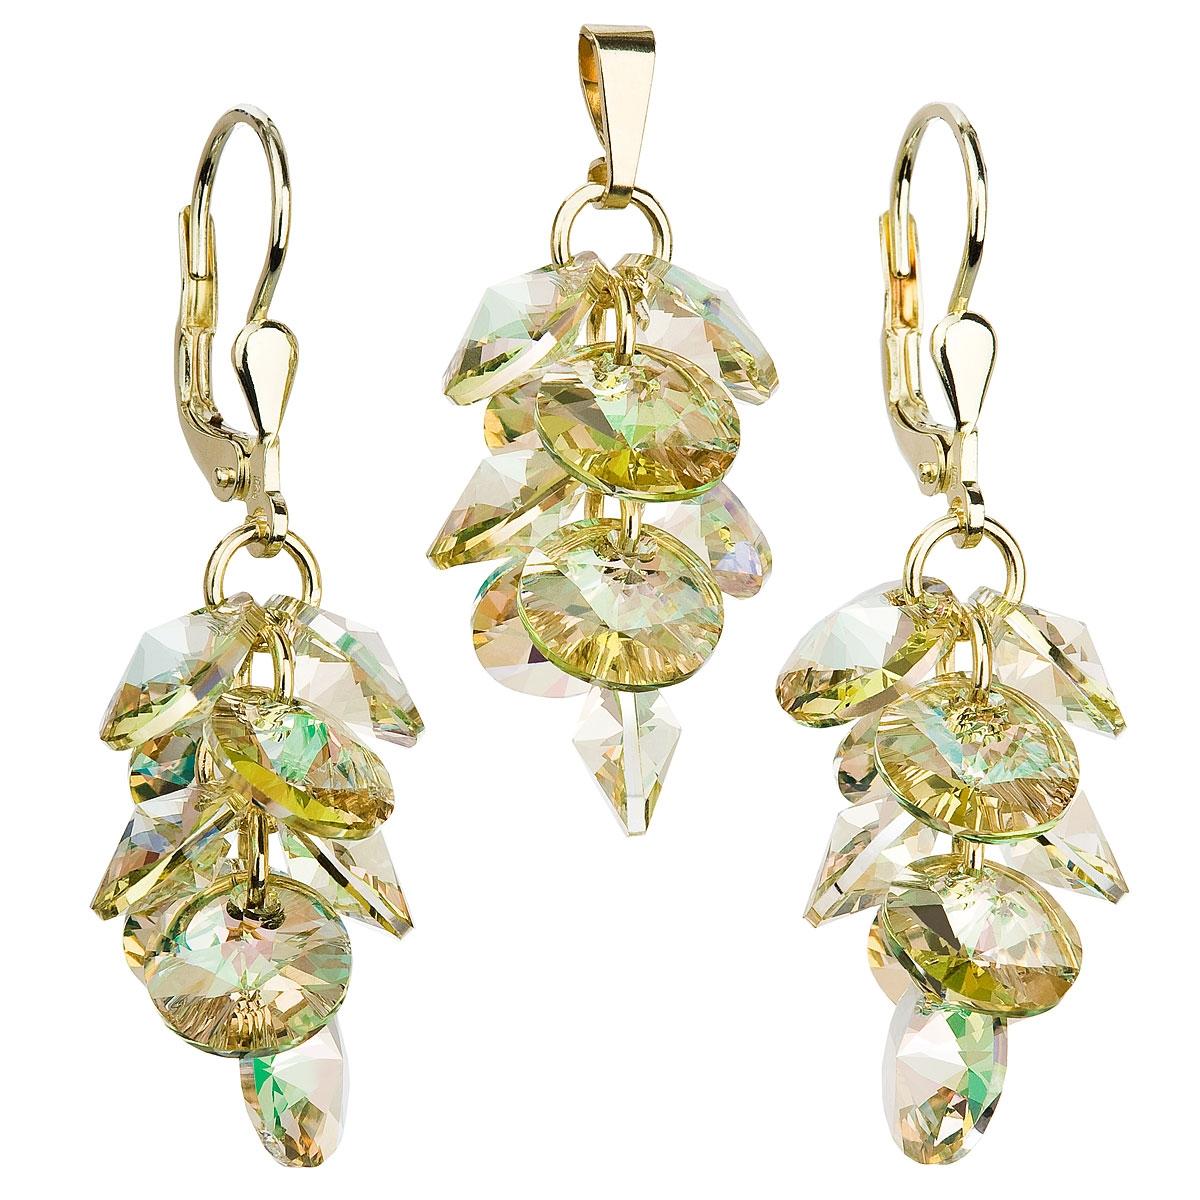 Sada zlacených šperků - hrozen s kameny Crystals from Swarovski® EG3038-GD